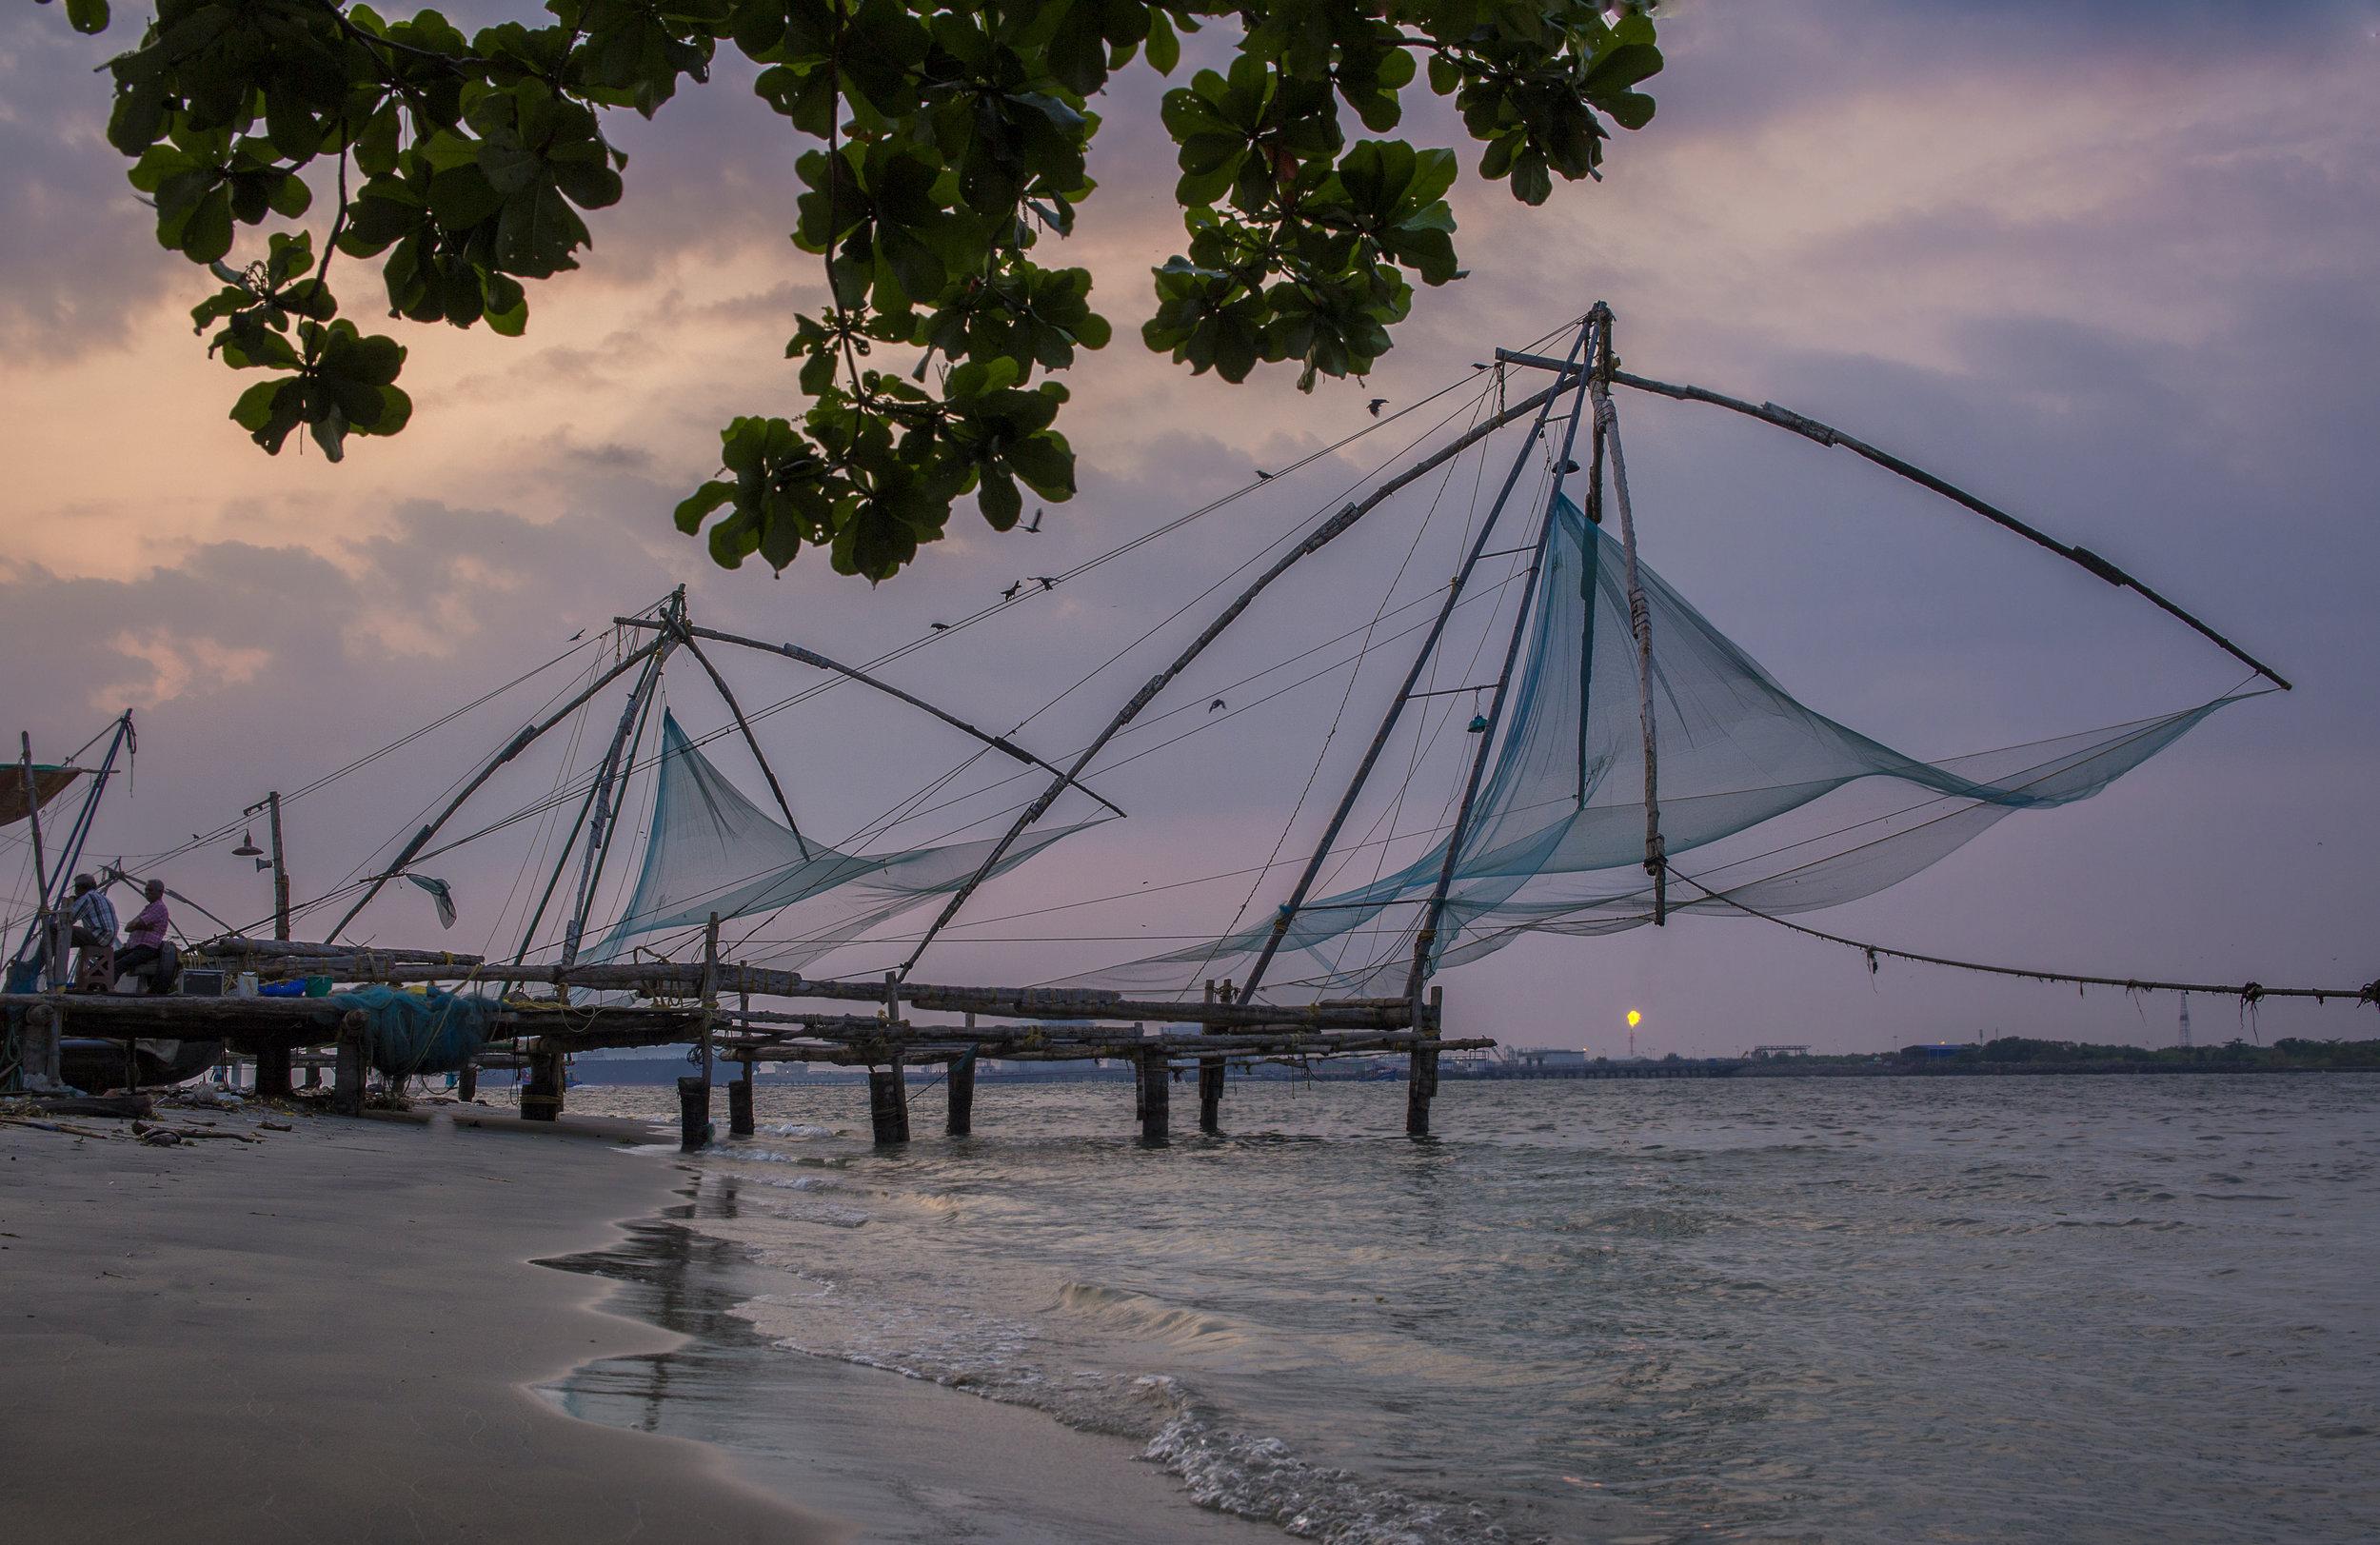 Kocci, India